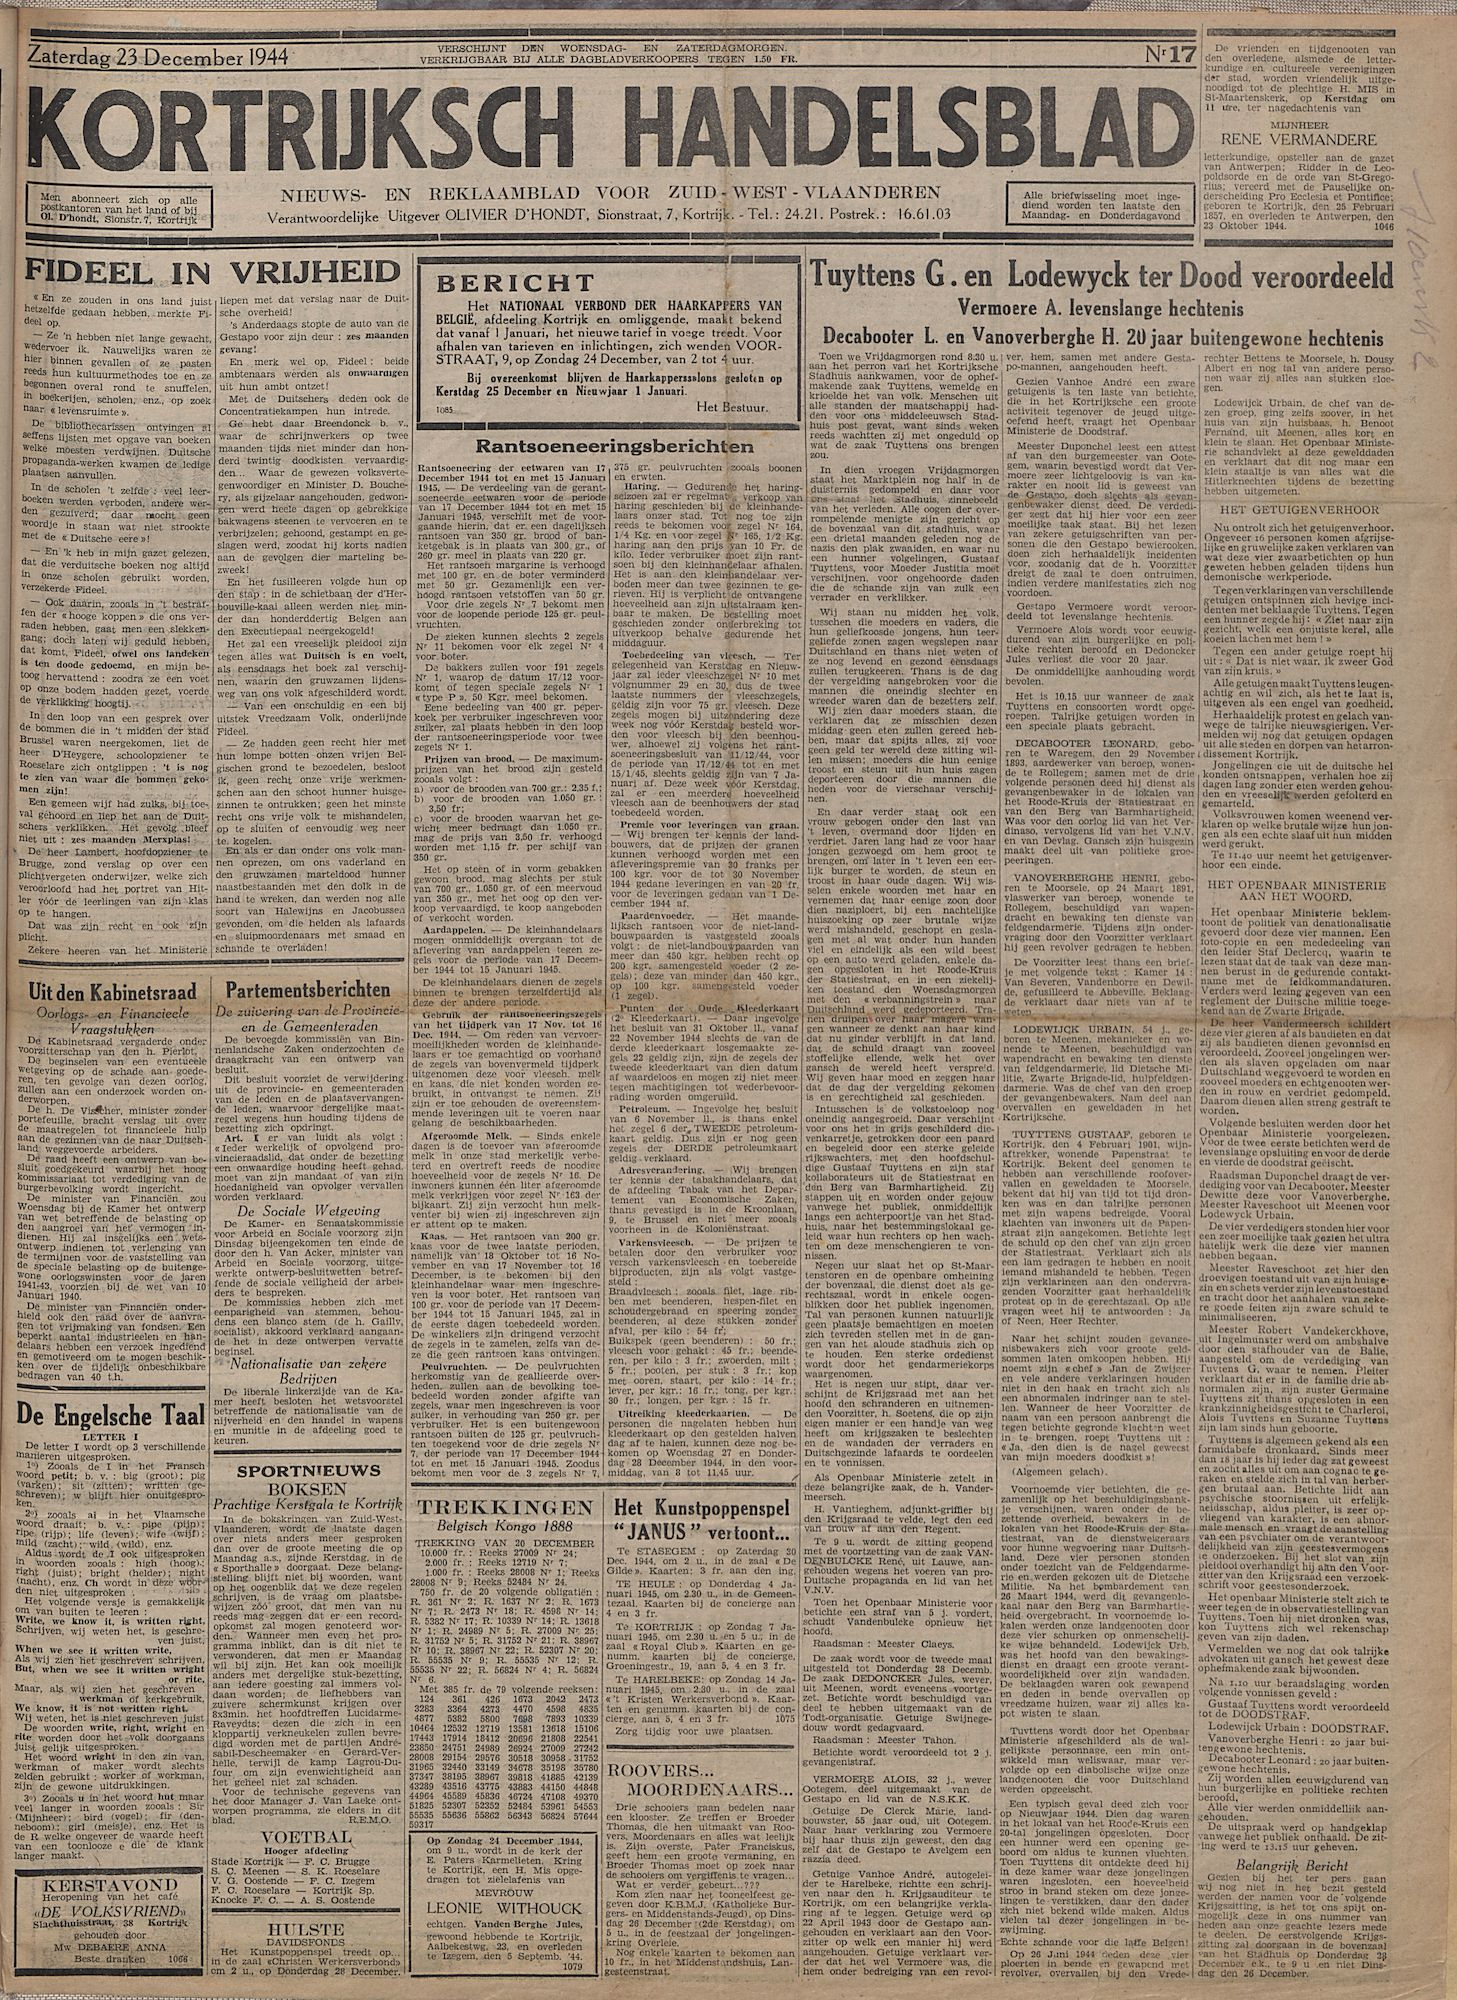 Kortrijksch Handelsblad 23 december 1944 Nr17 p1